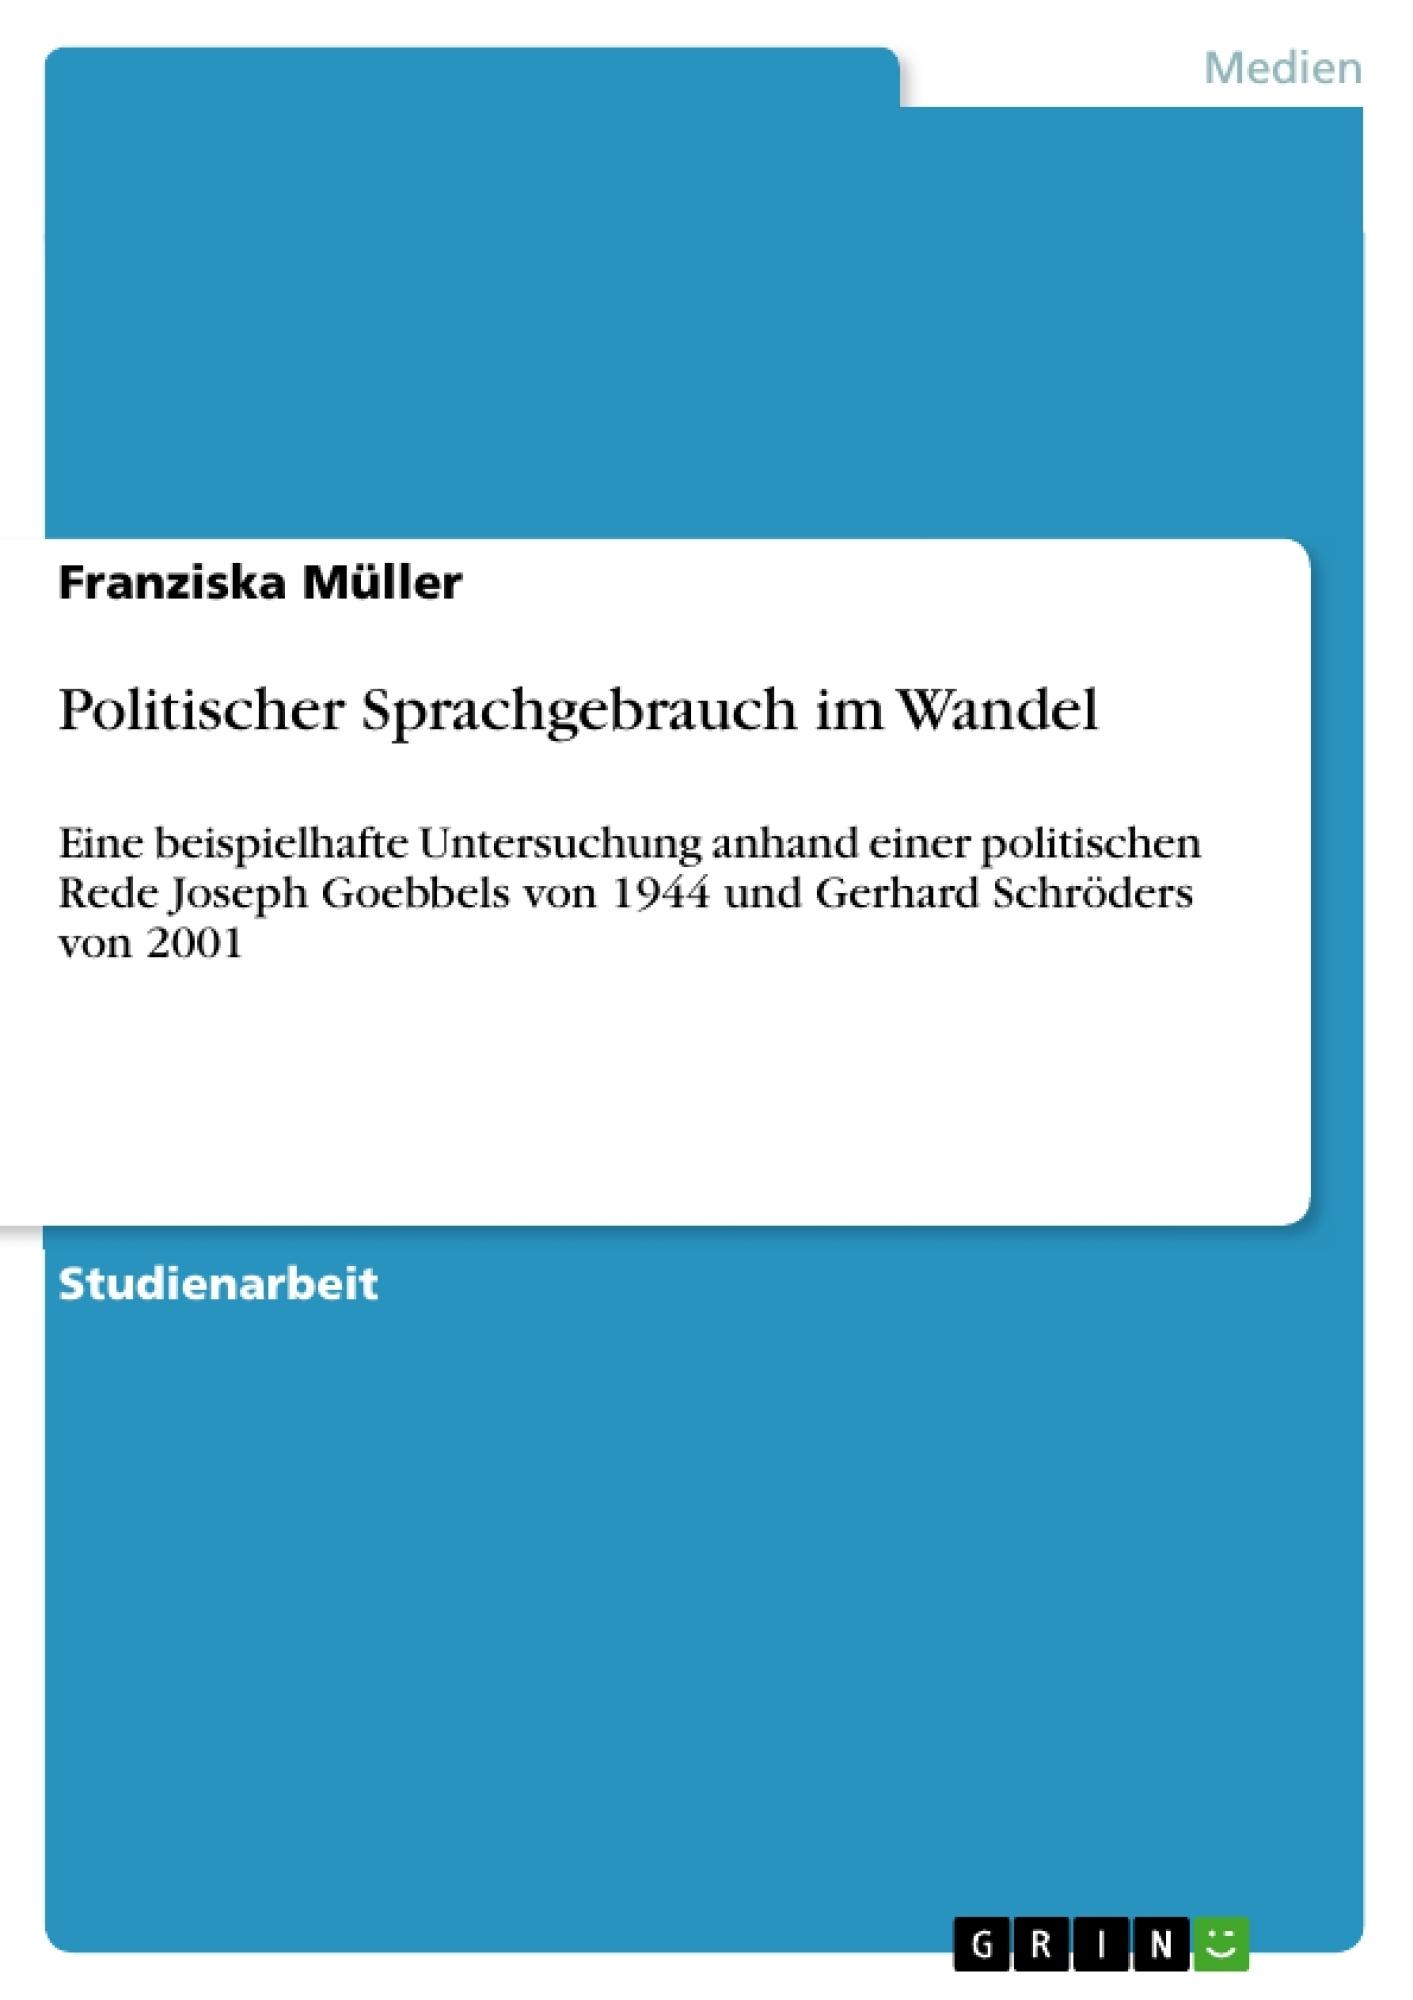 Titel: Politischer Sprachgebrauch im Wandel